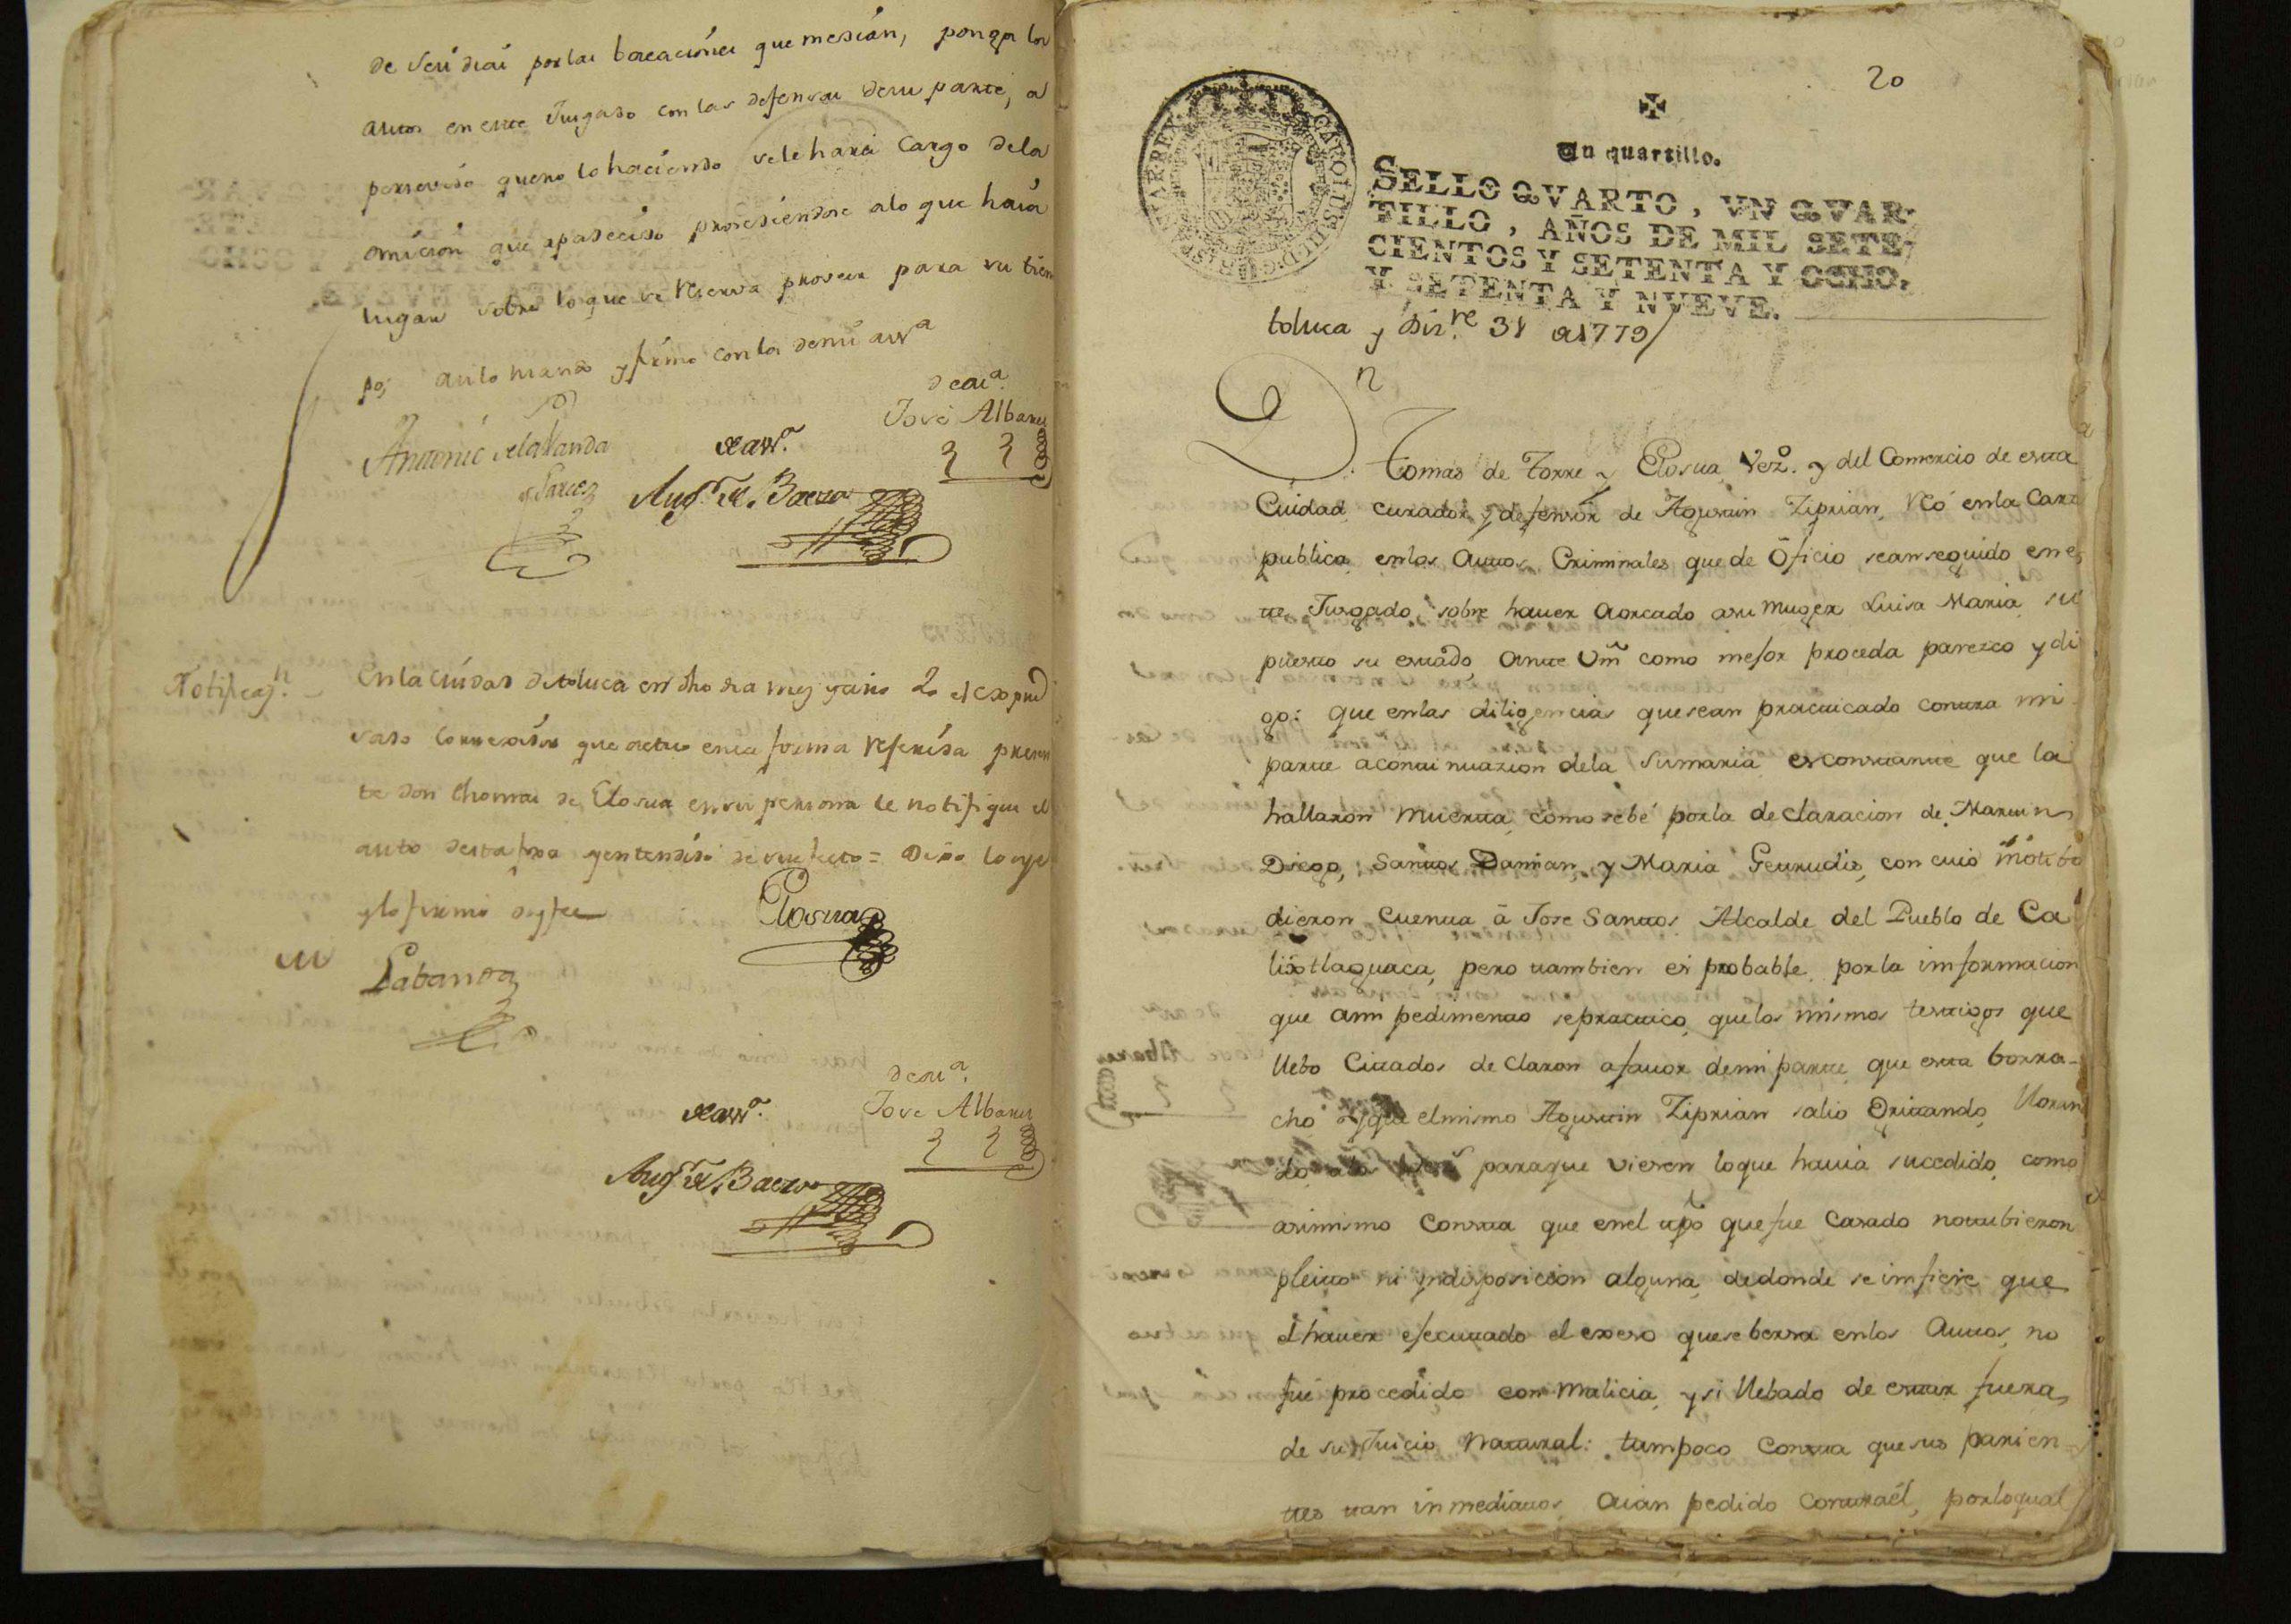 El Poder Judicial del Edomex une archivos del mundo con testimonios de lucha en favor de la mujer